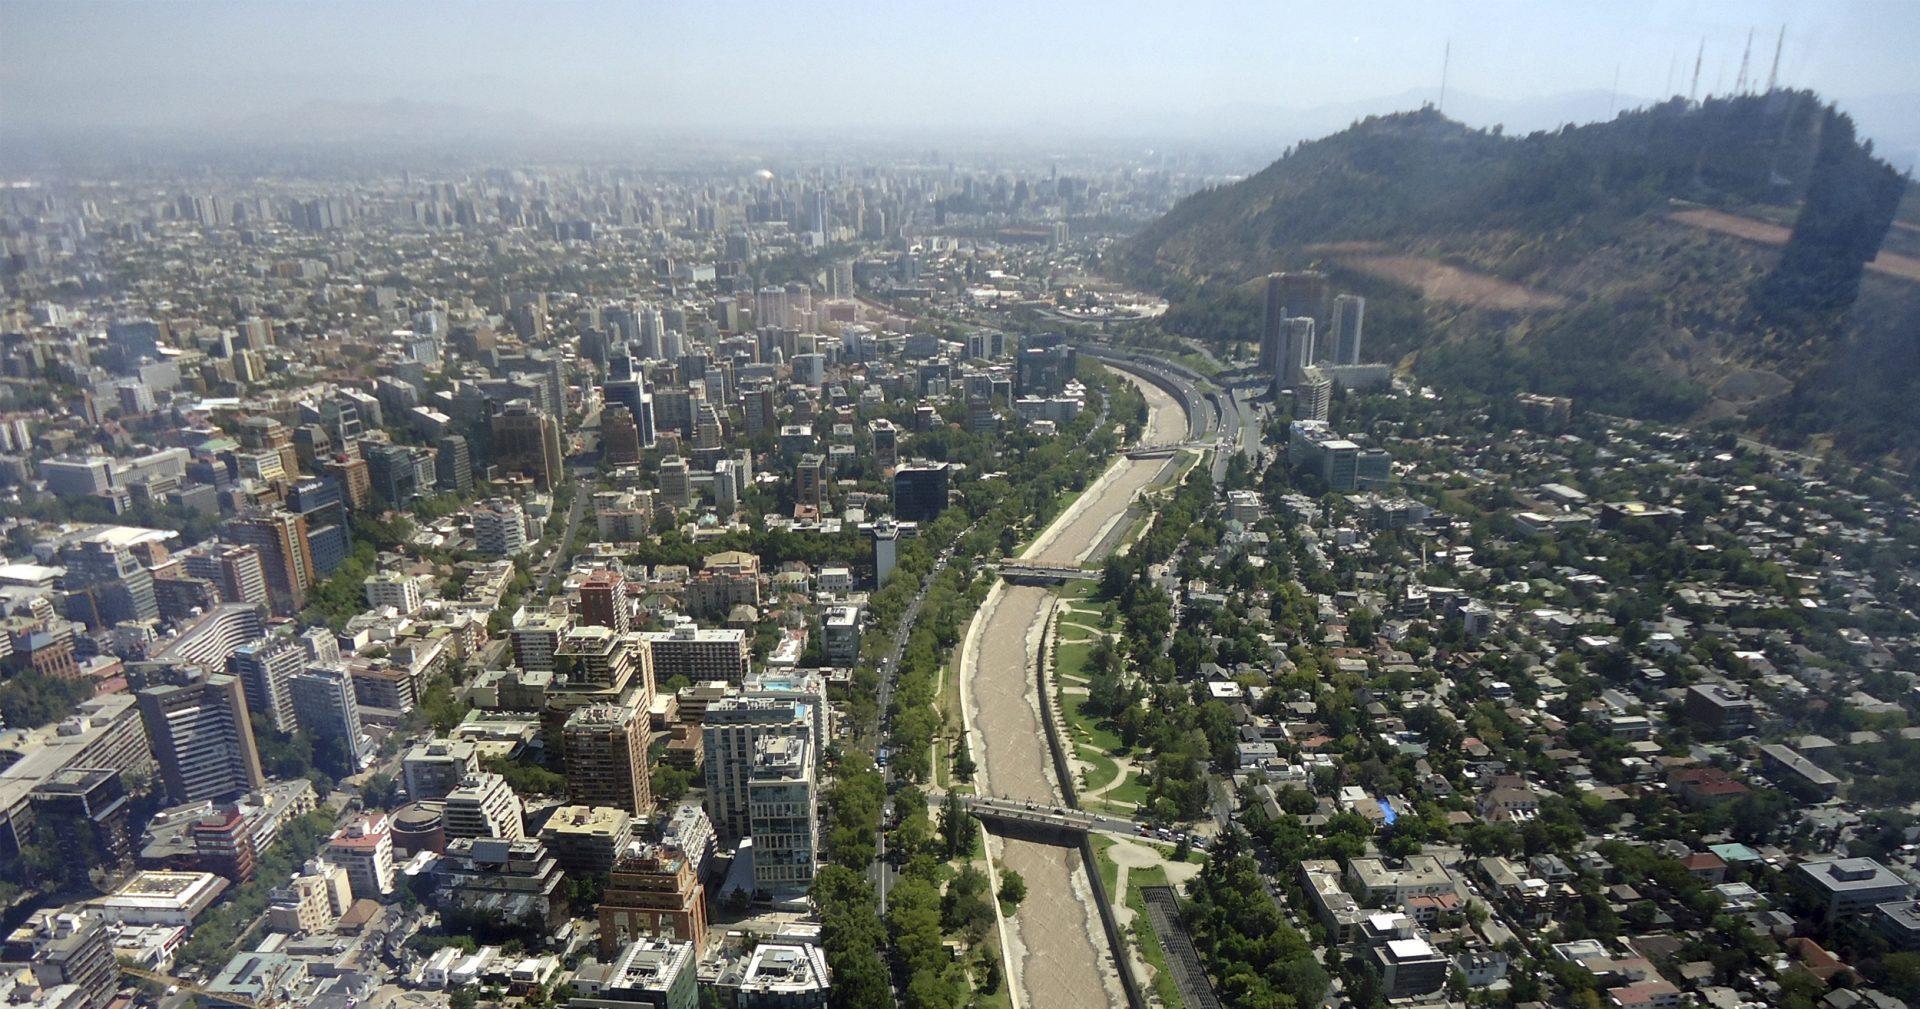 Santiago: la brutal centralización de una ciudad fragmentada y desigual